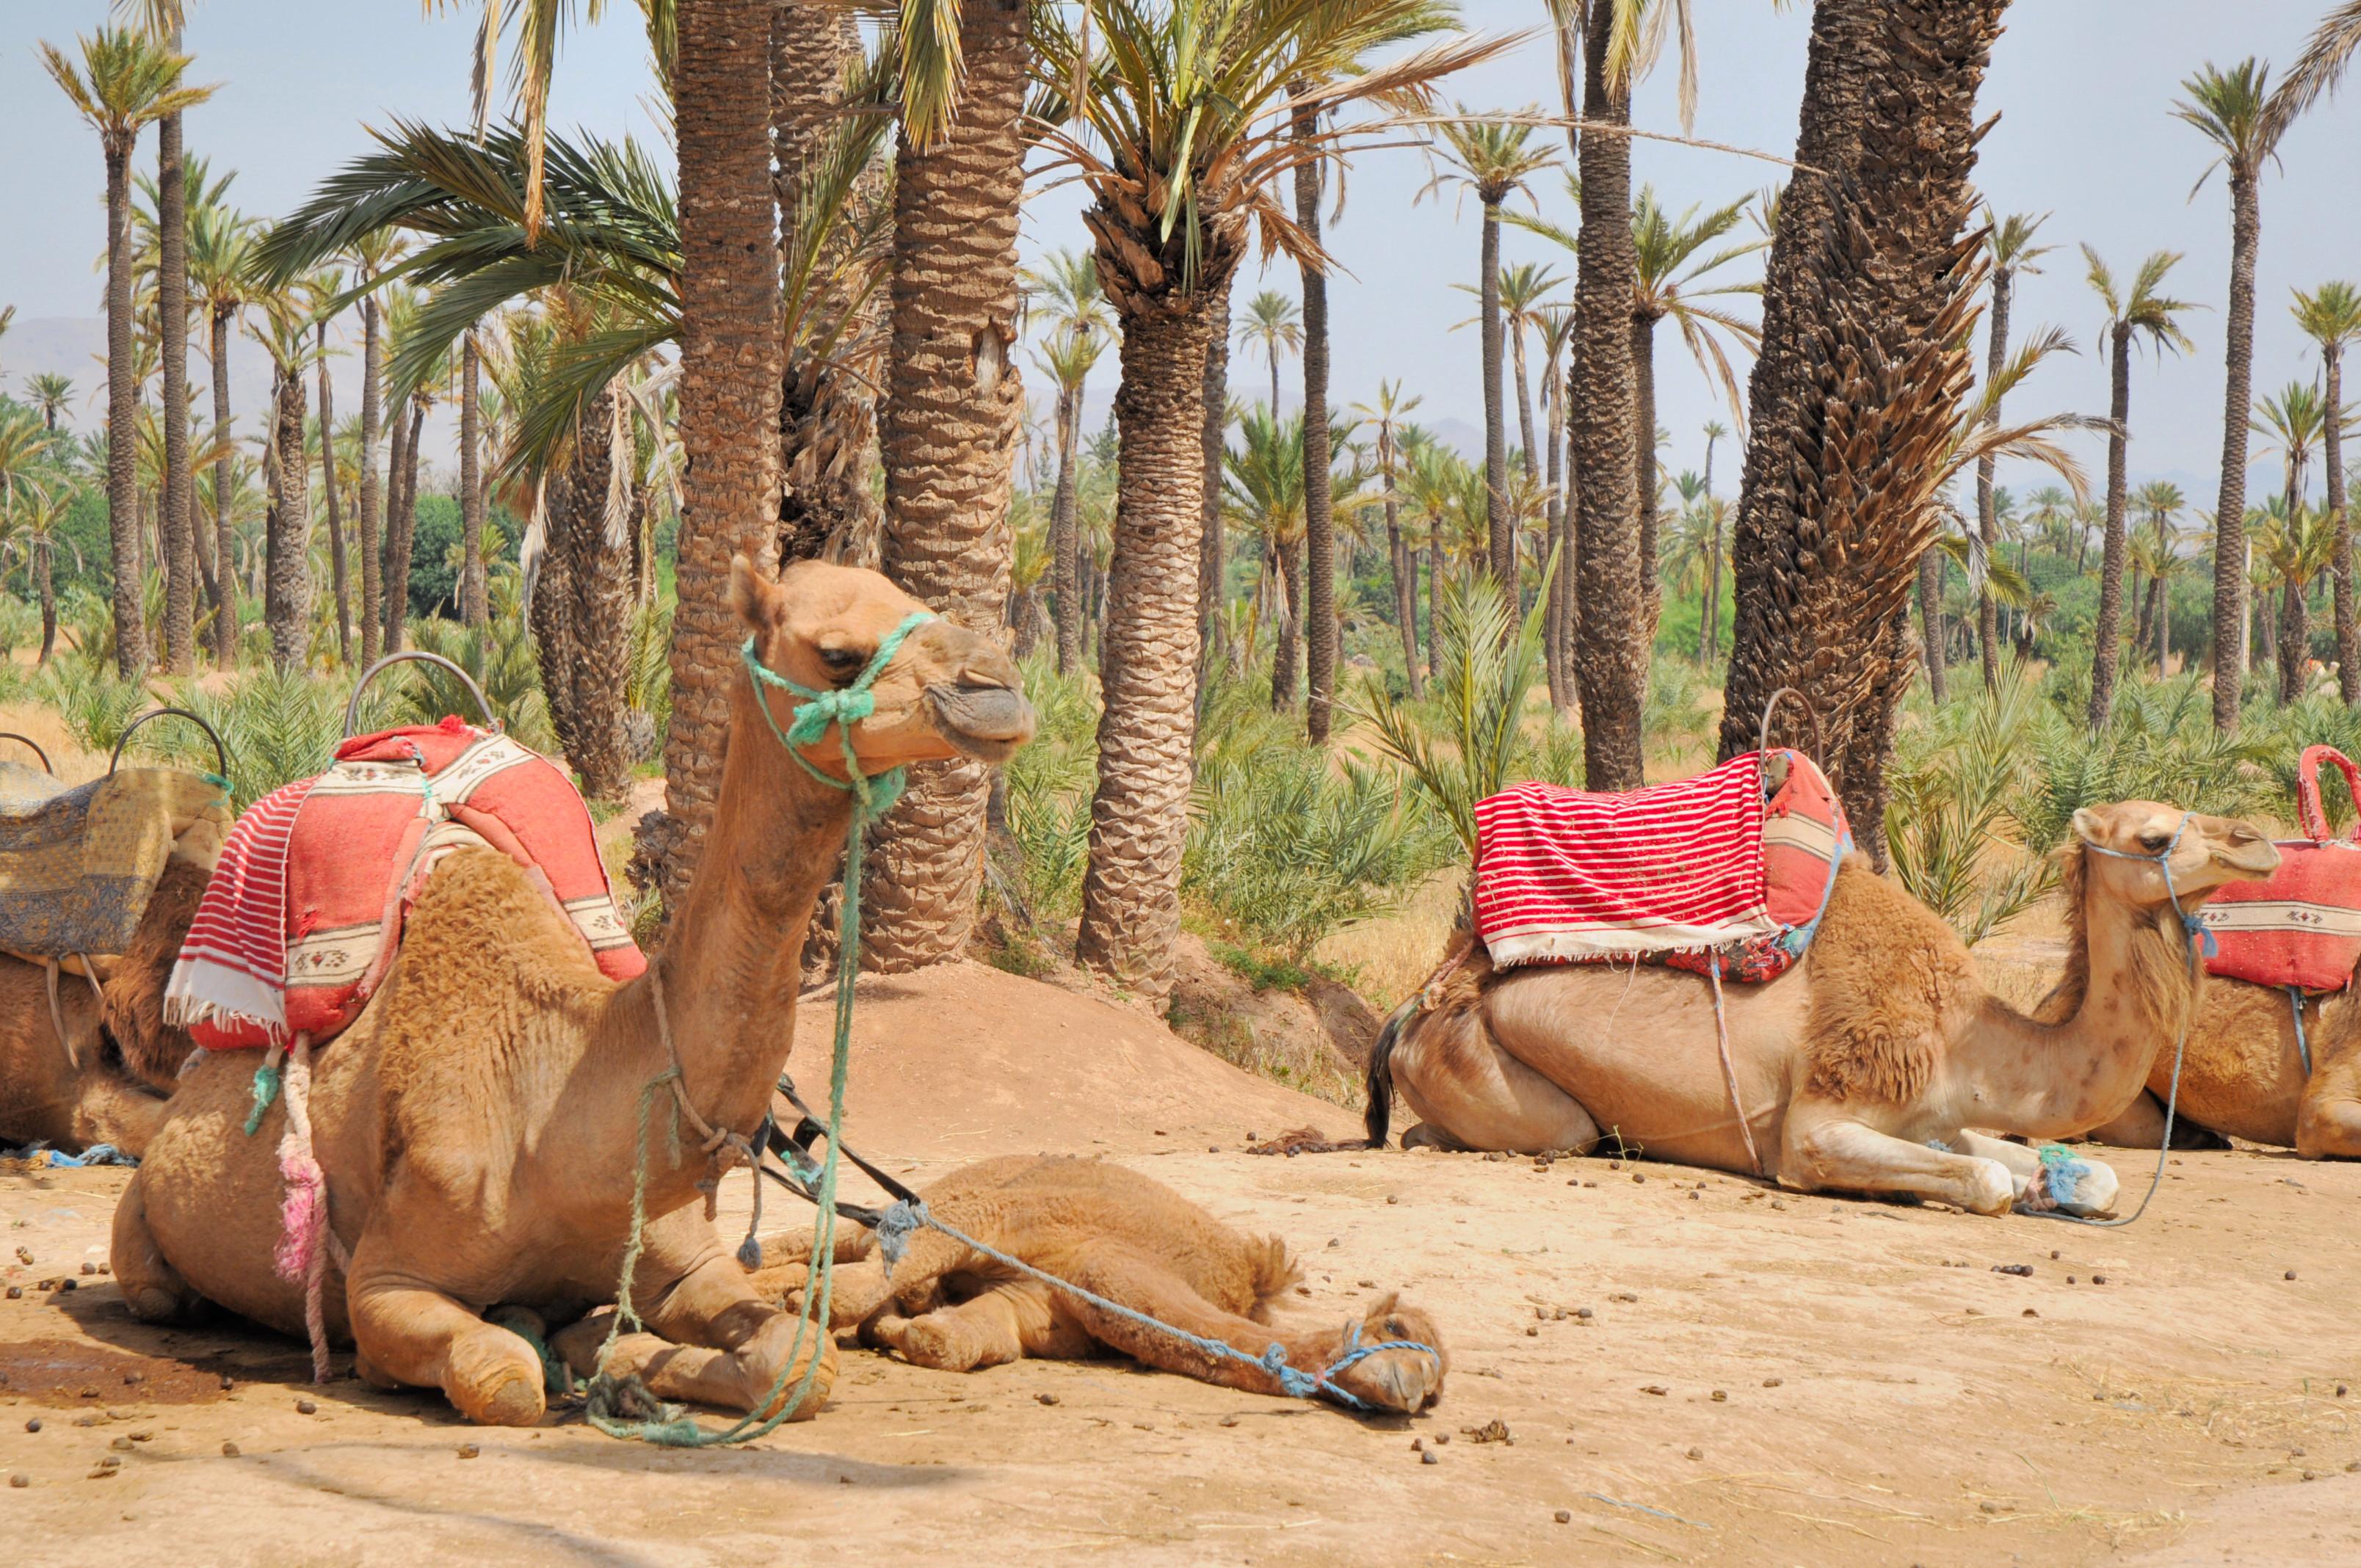 la_palmeraie_de_marrakech_707